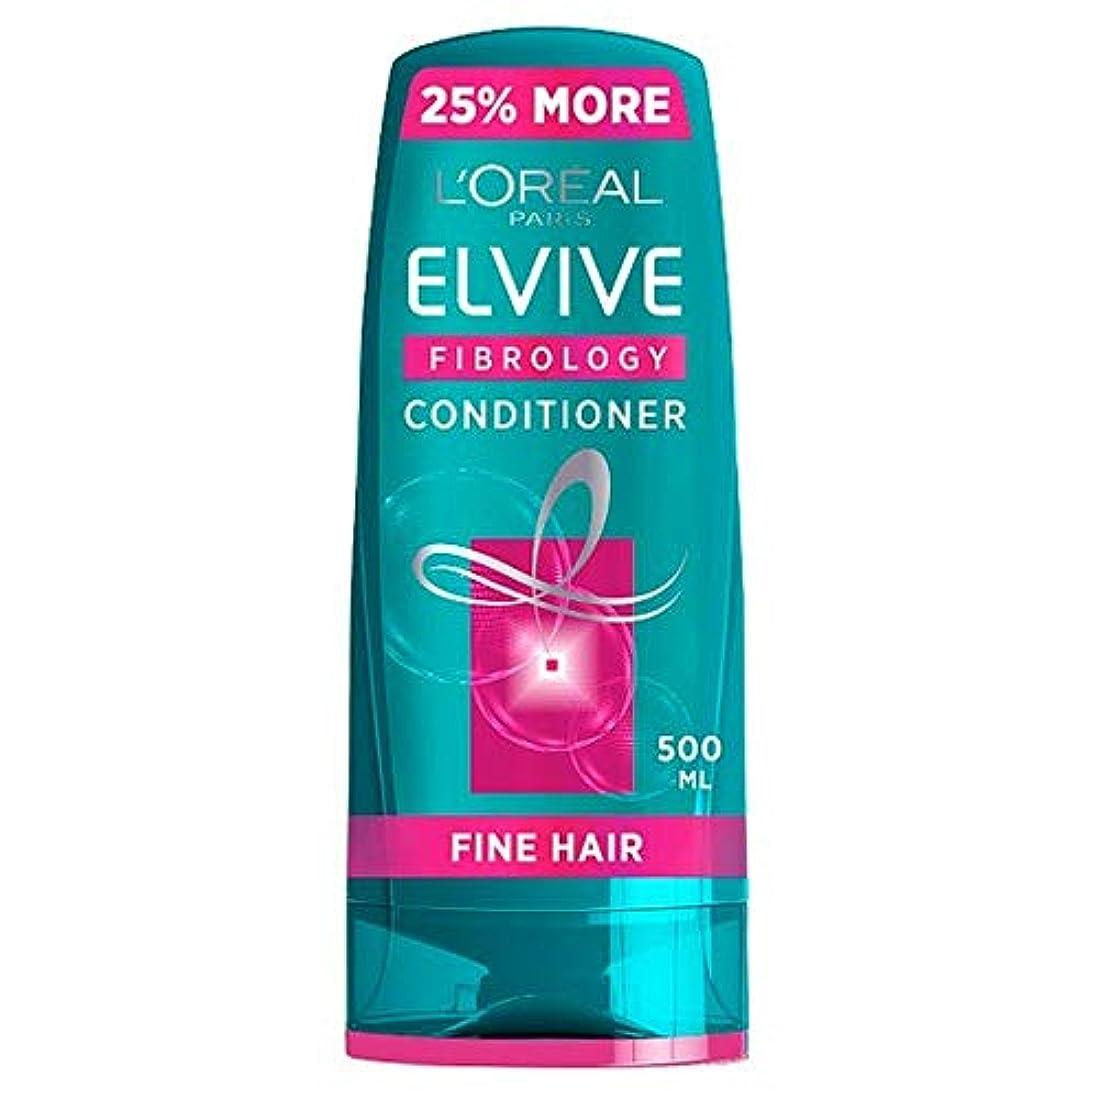 バレーボール悲惨な紀元前[Elvive] ロレアルElvive Fibroligy細いヘアコンディショナー500ミリリットル - L'oreal Elvive Fibroligy Fine Hair Conditioner 500Ml [並行輸入品]